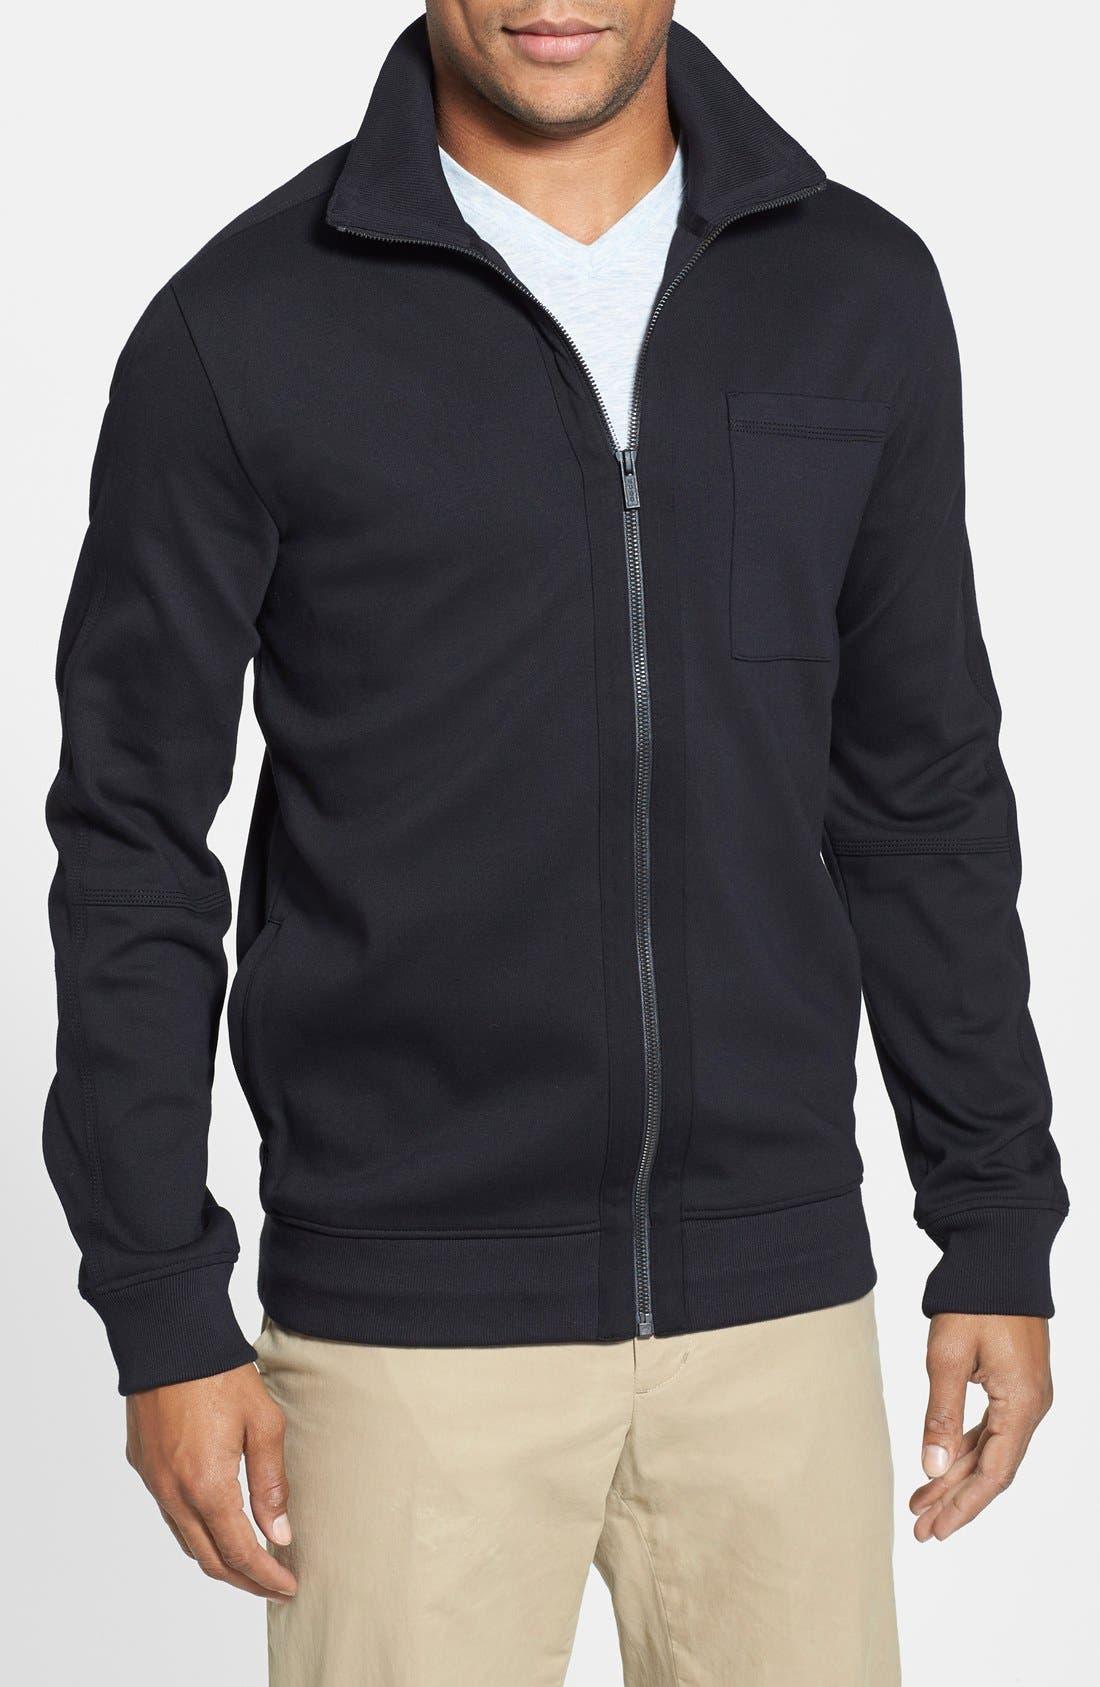 Alternate Image 1 Selected - HUGO 'Dimon' Mock Neck Jacket